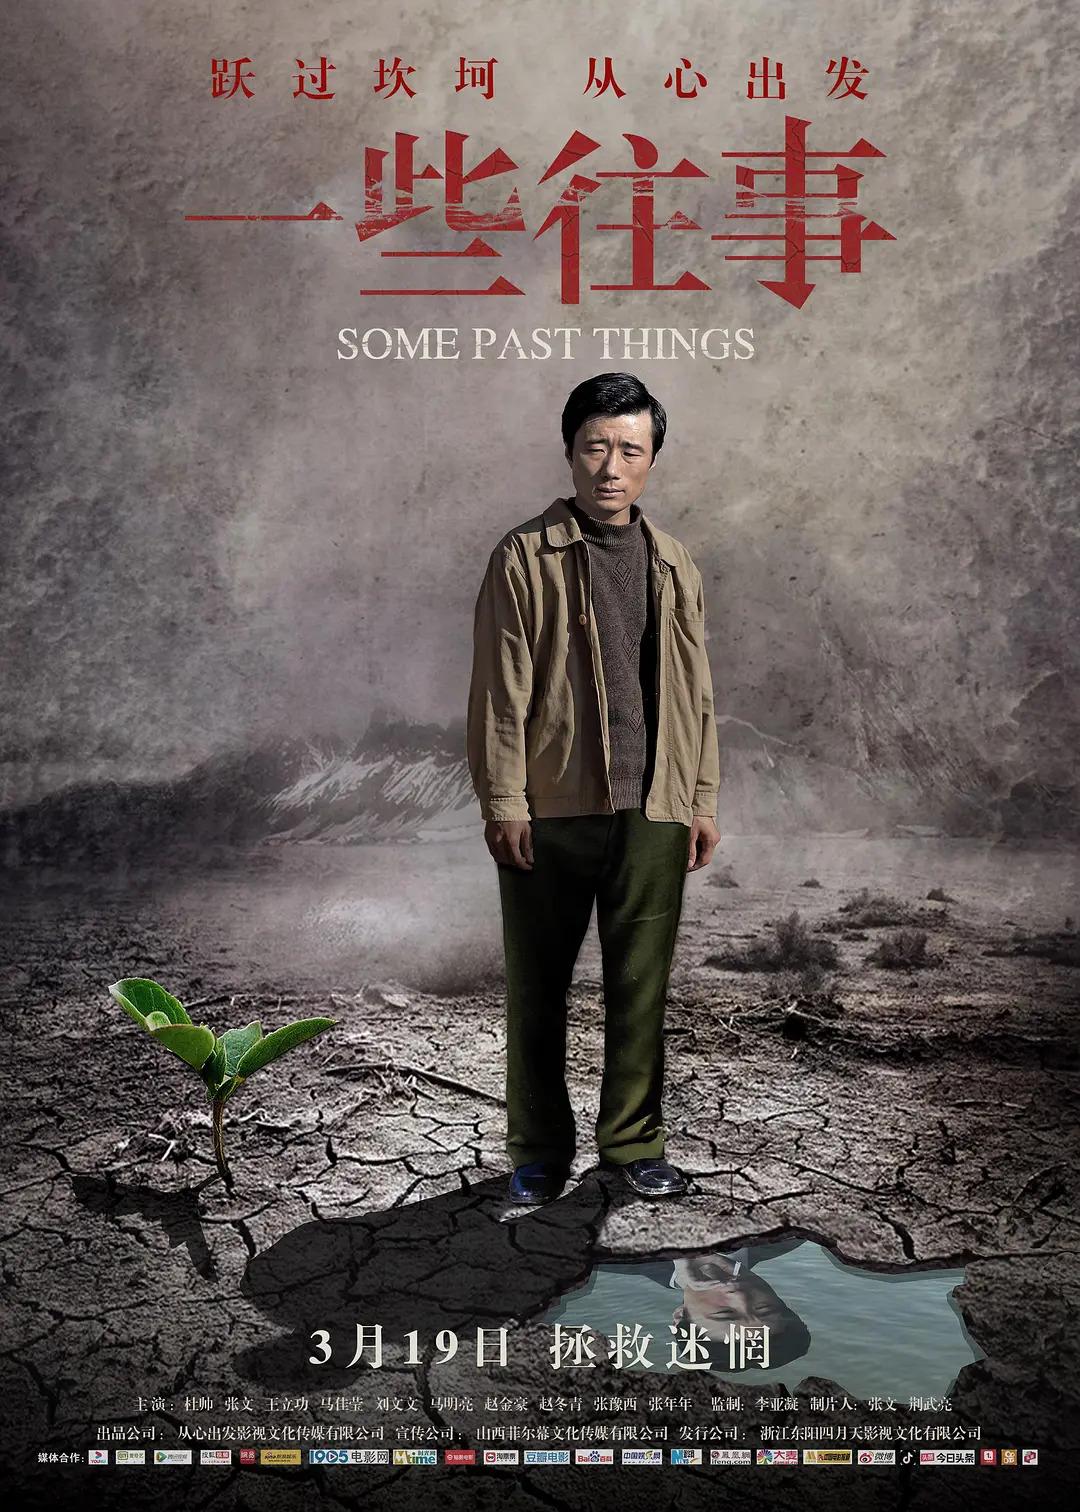 【电影预告】一些往事 Some Past Things 2021-03-19 中国大陆上映